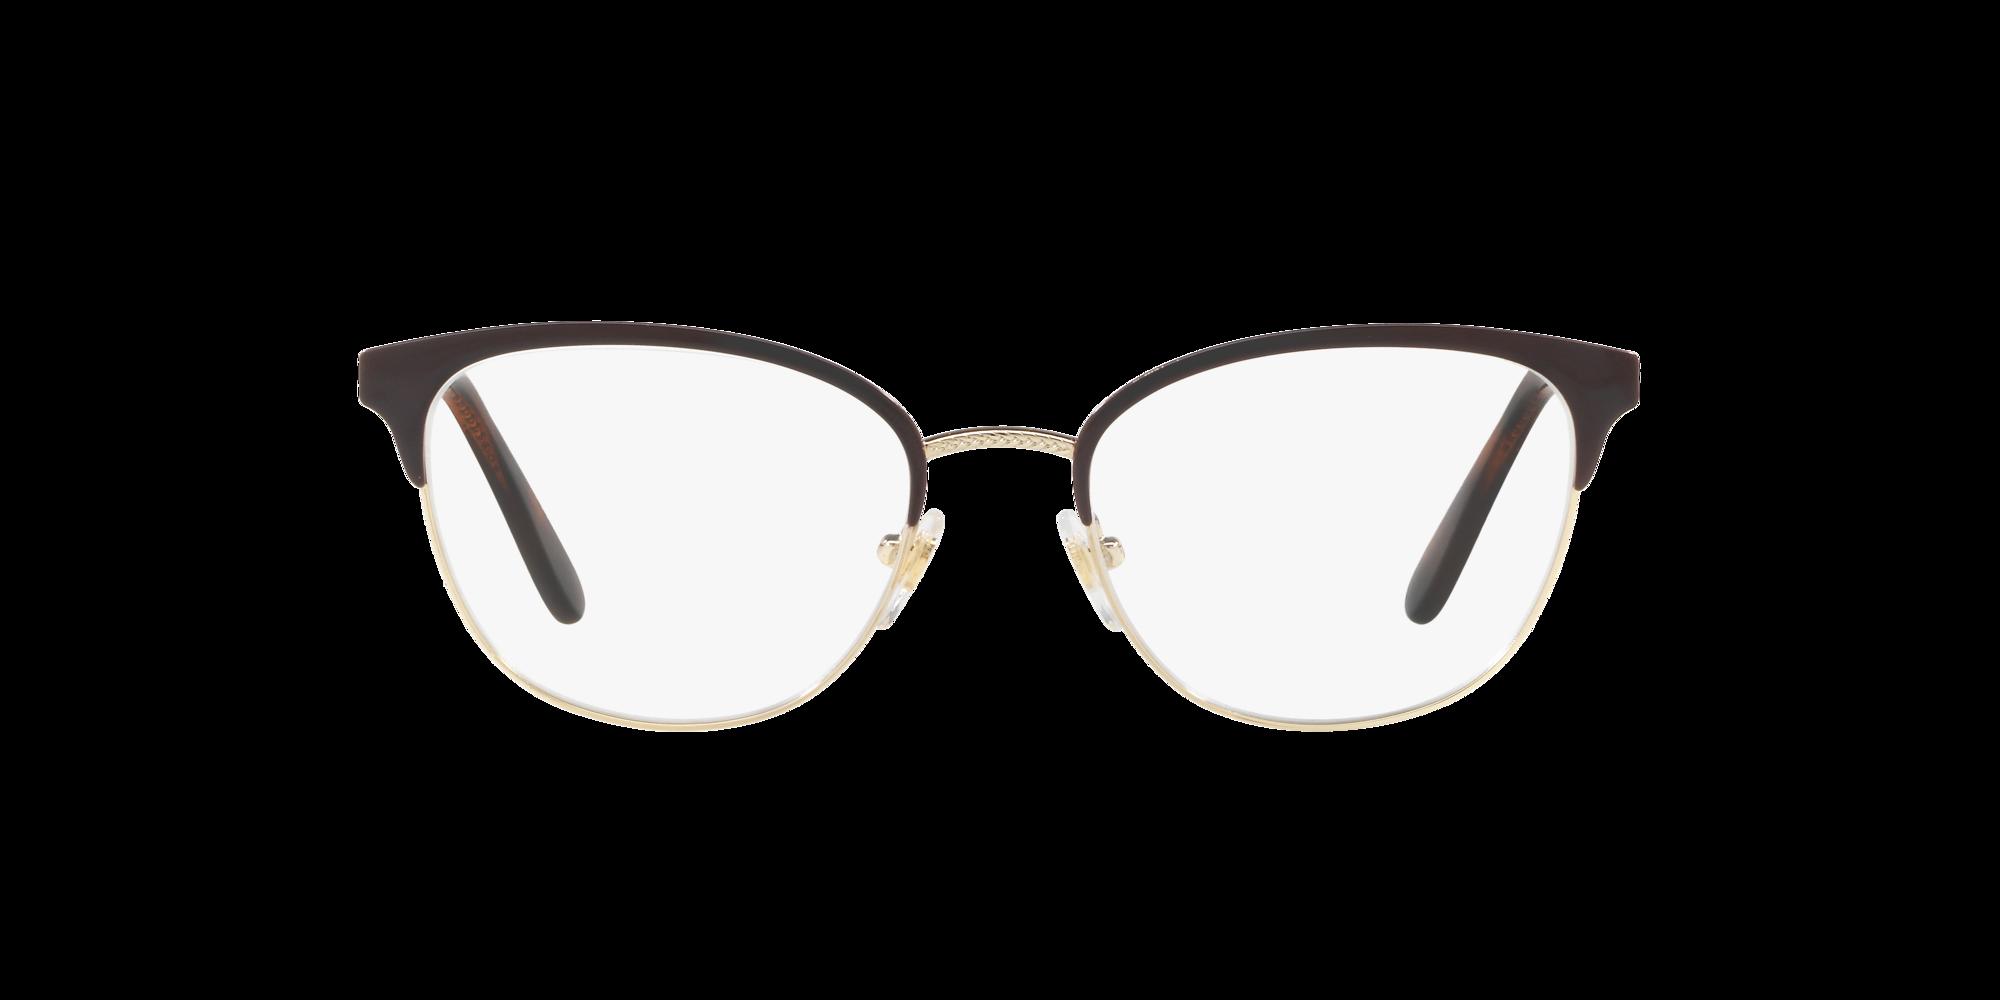 Imagen para VO4088 de LensCrafters |  Espejuelos, espejuelos graduados en línea, gafas